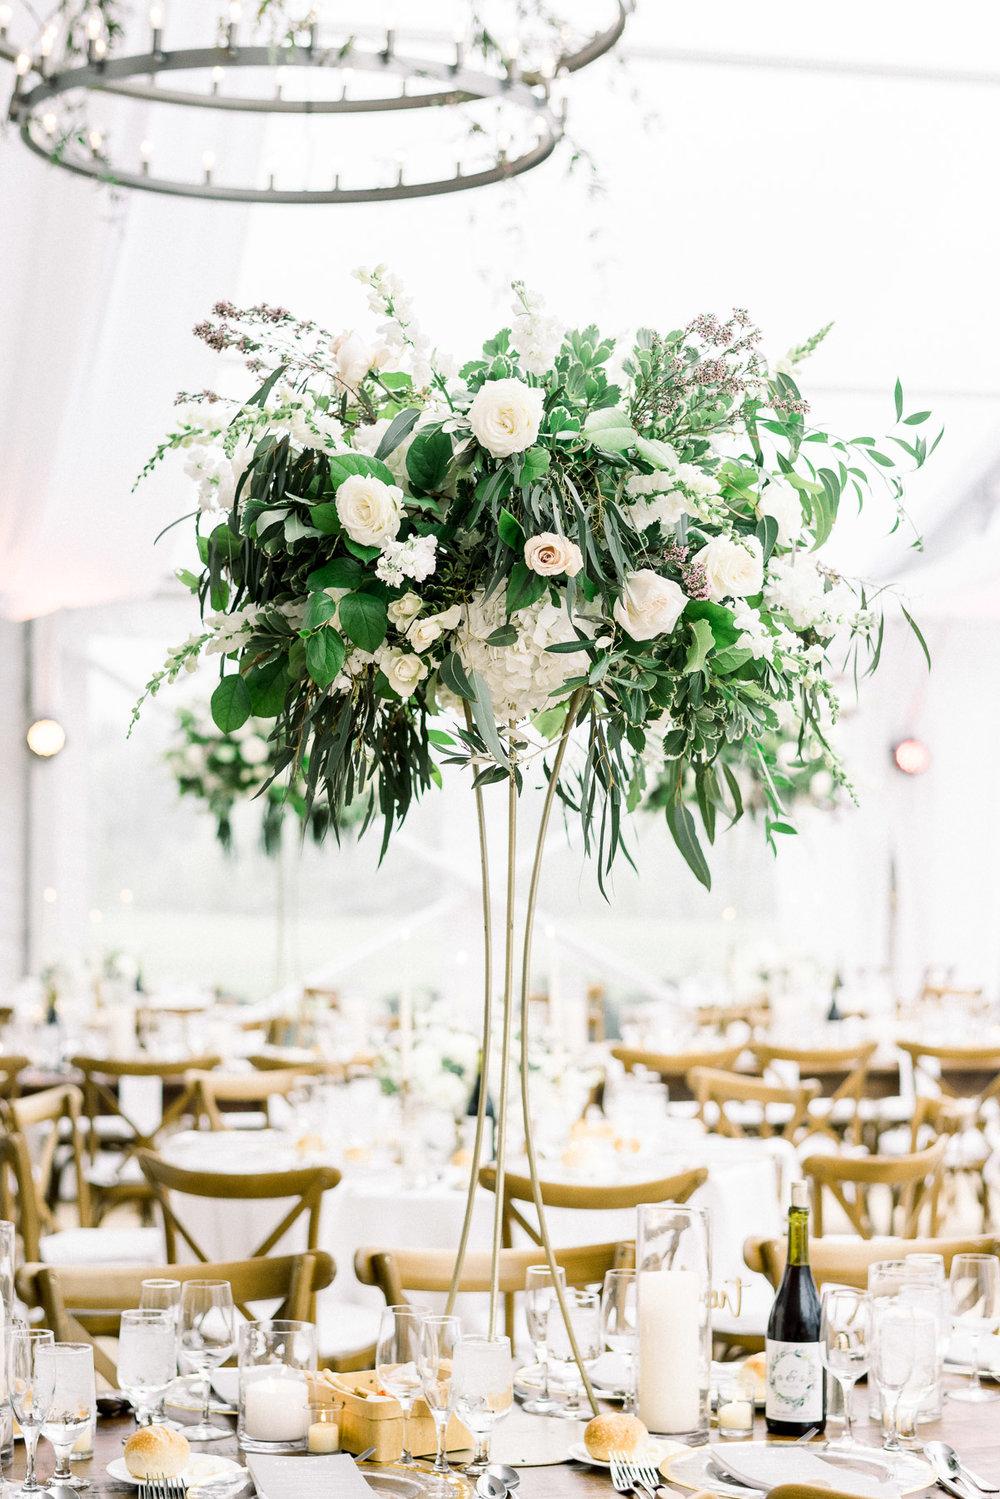 Floral Design by Renaissance Floral Design